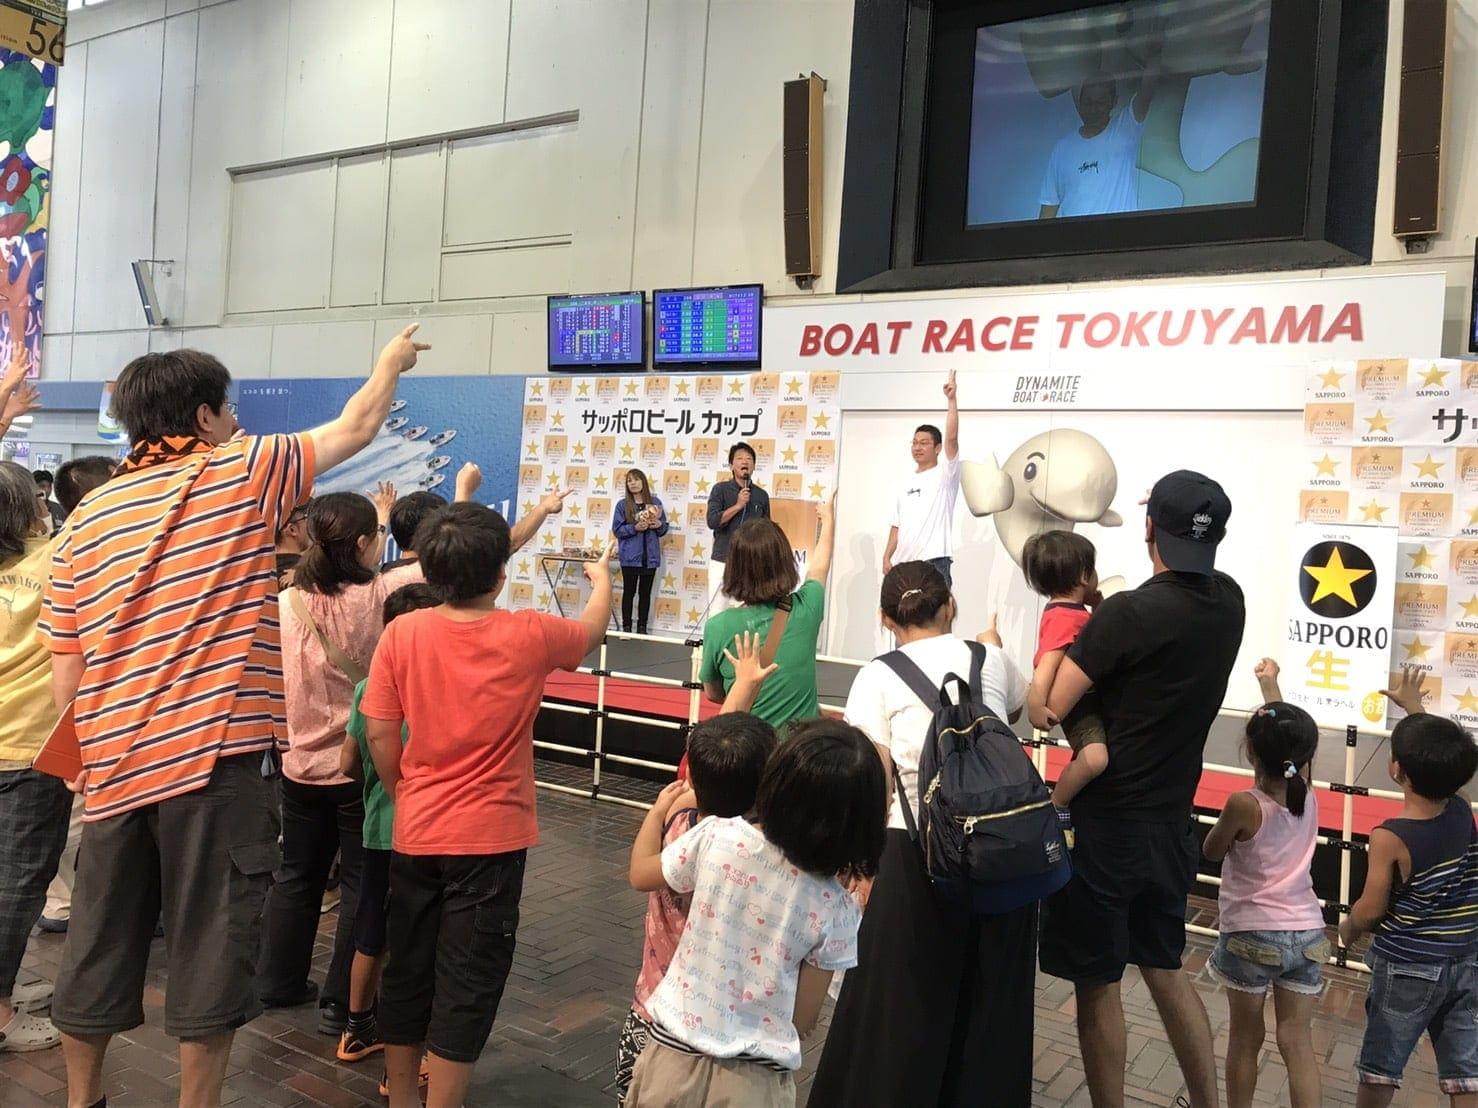 ボートレーサーと触れ合えるファンサービスイベント